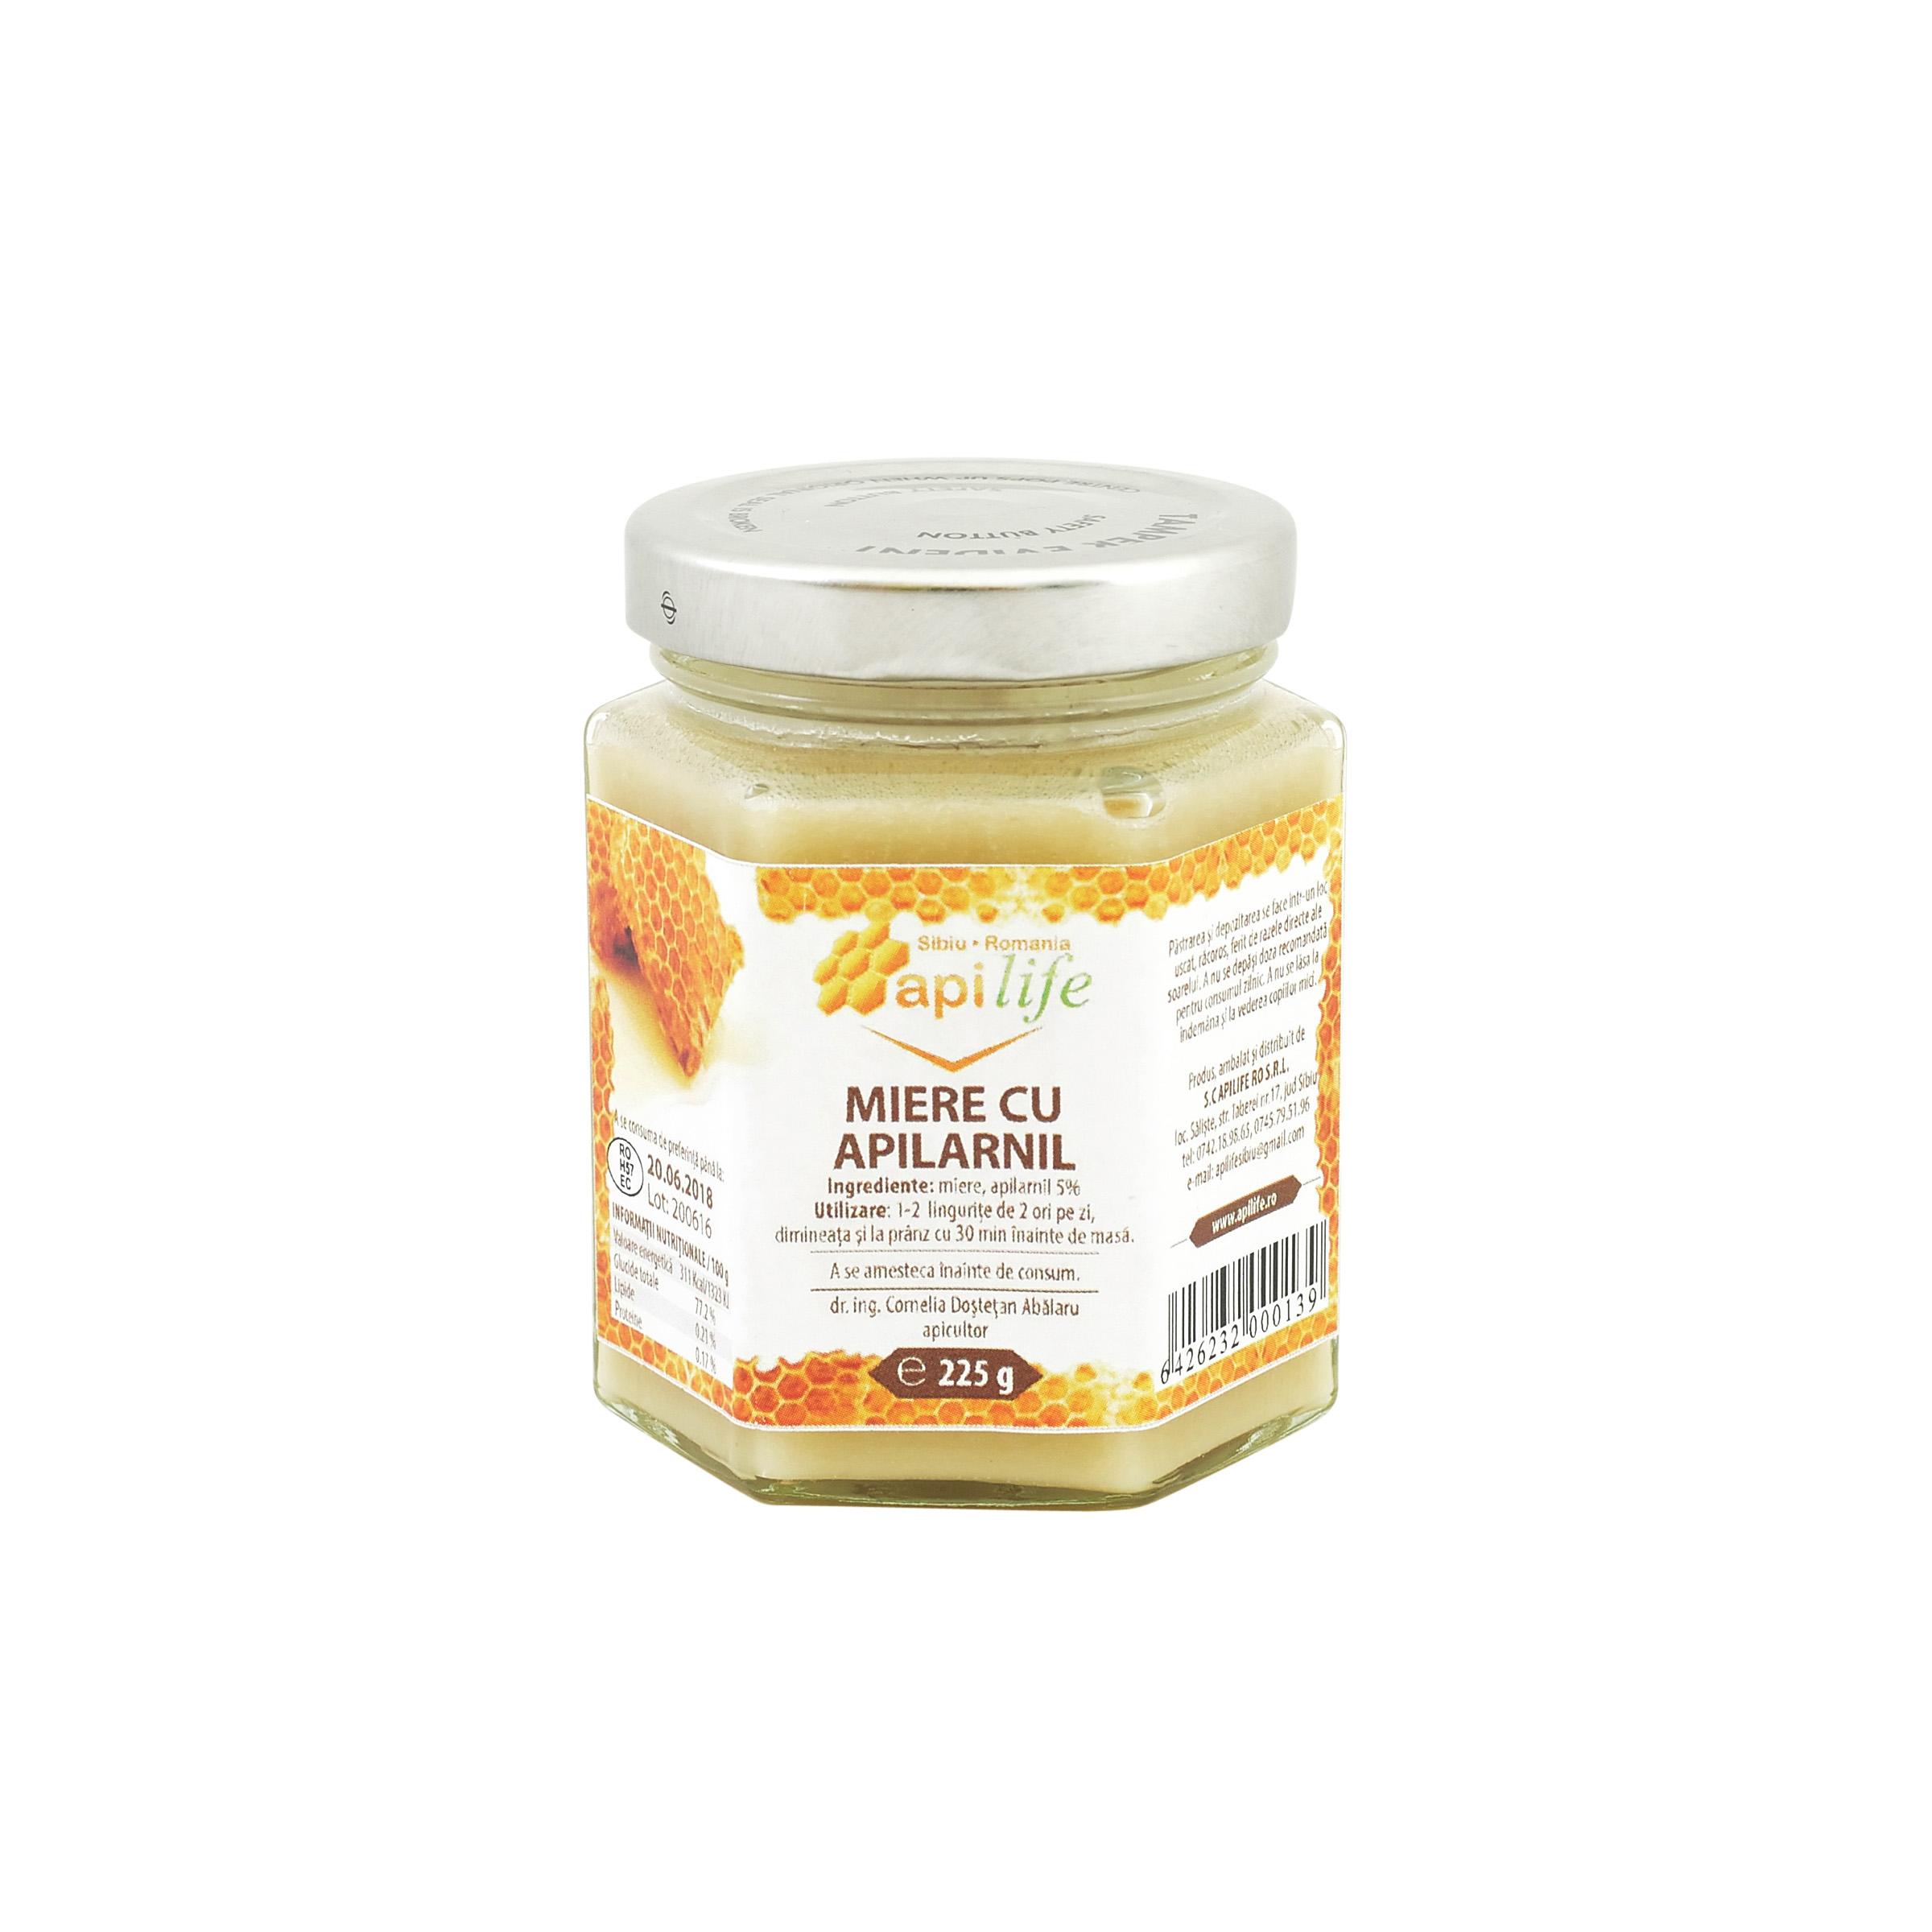 decoct de urzică cu miere pentru o erecție